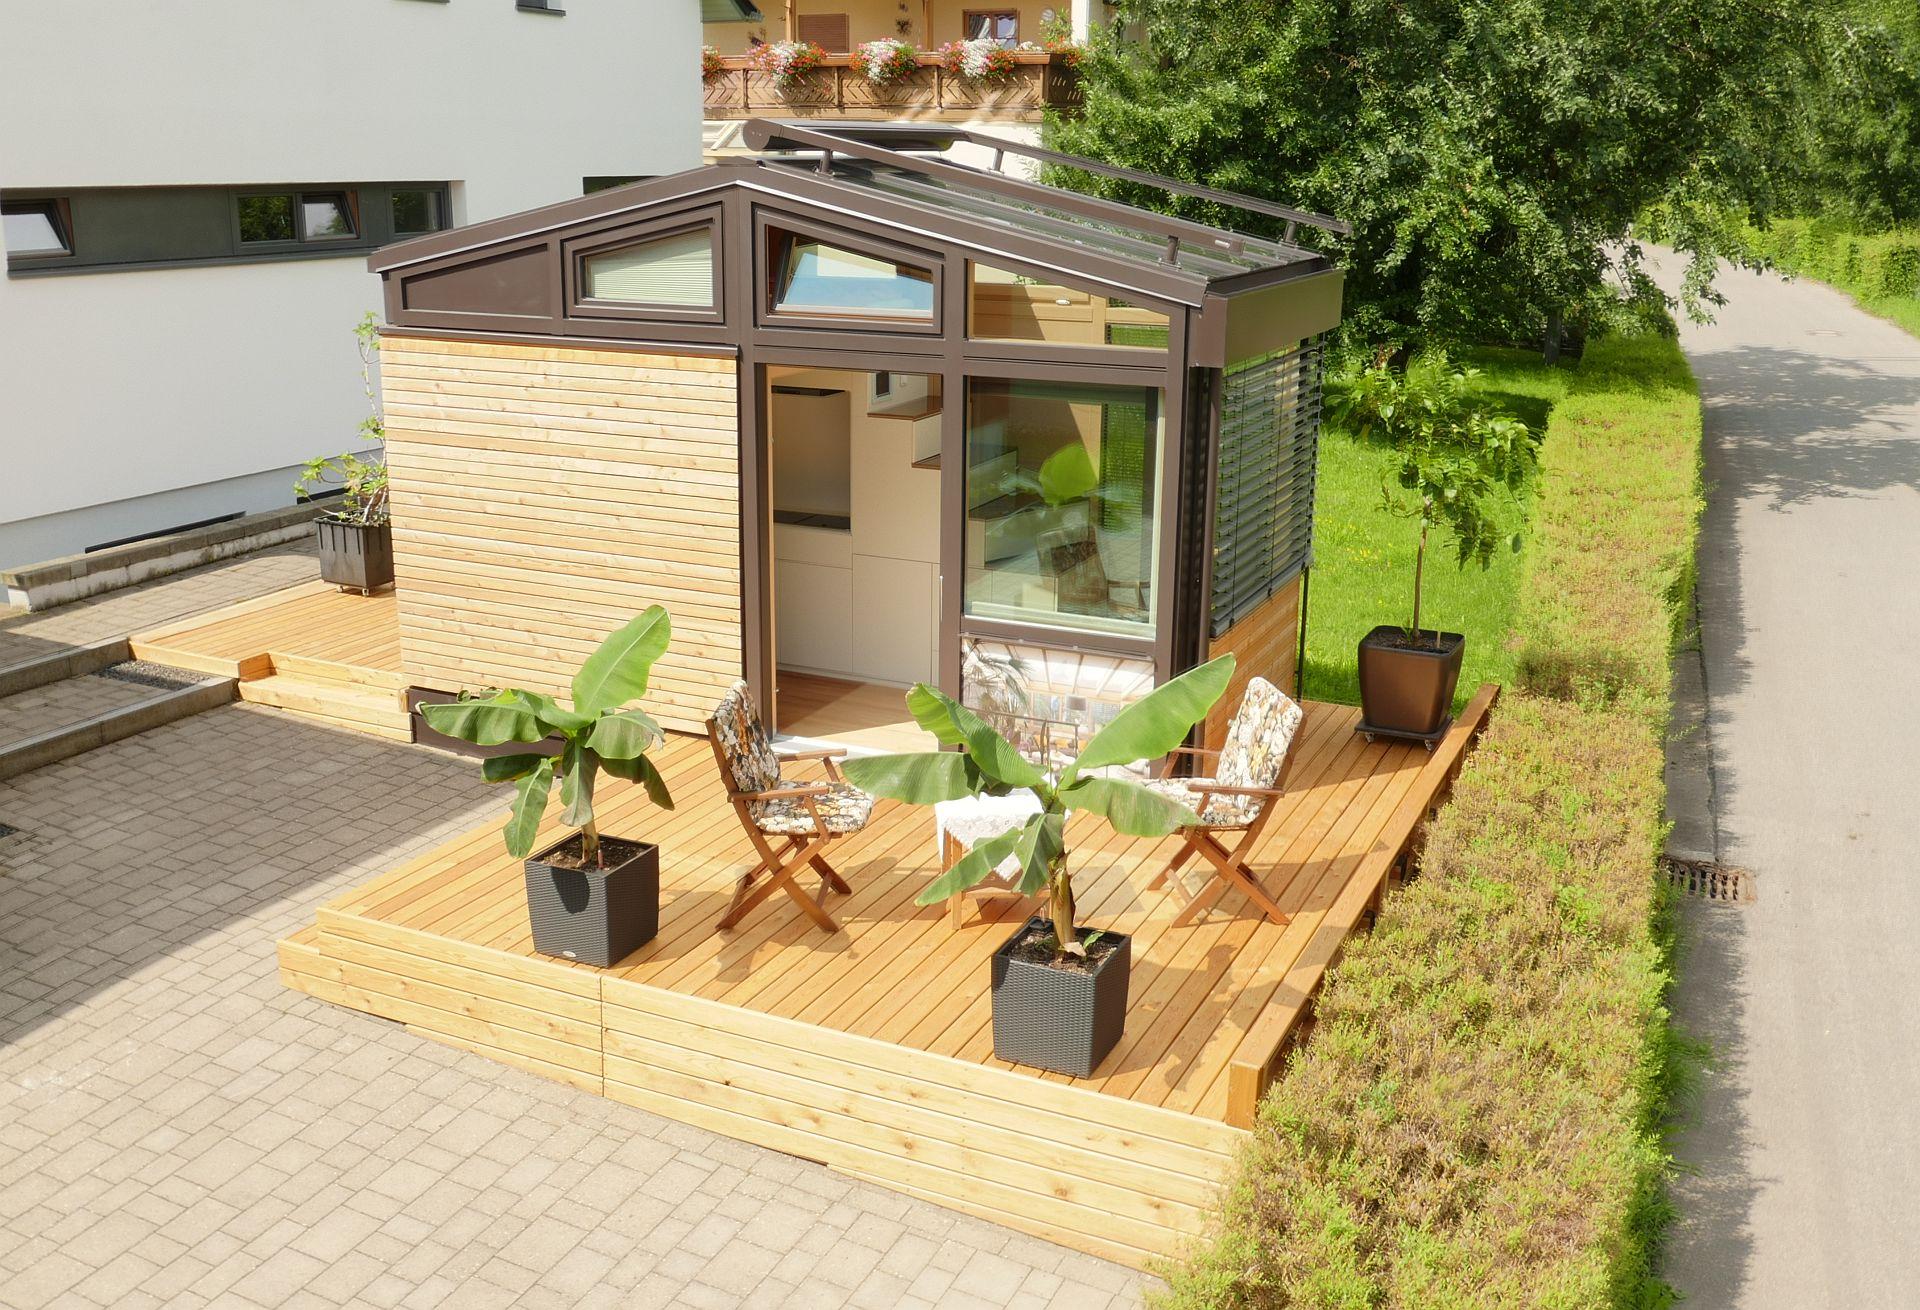 Tiny House Meets Wintergarten